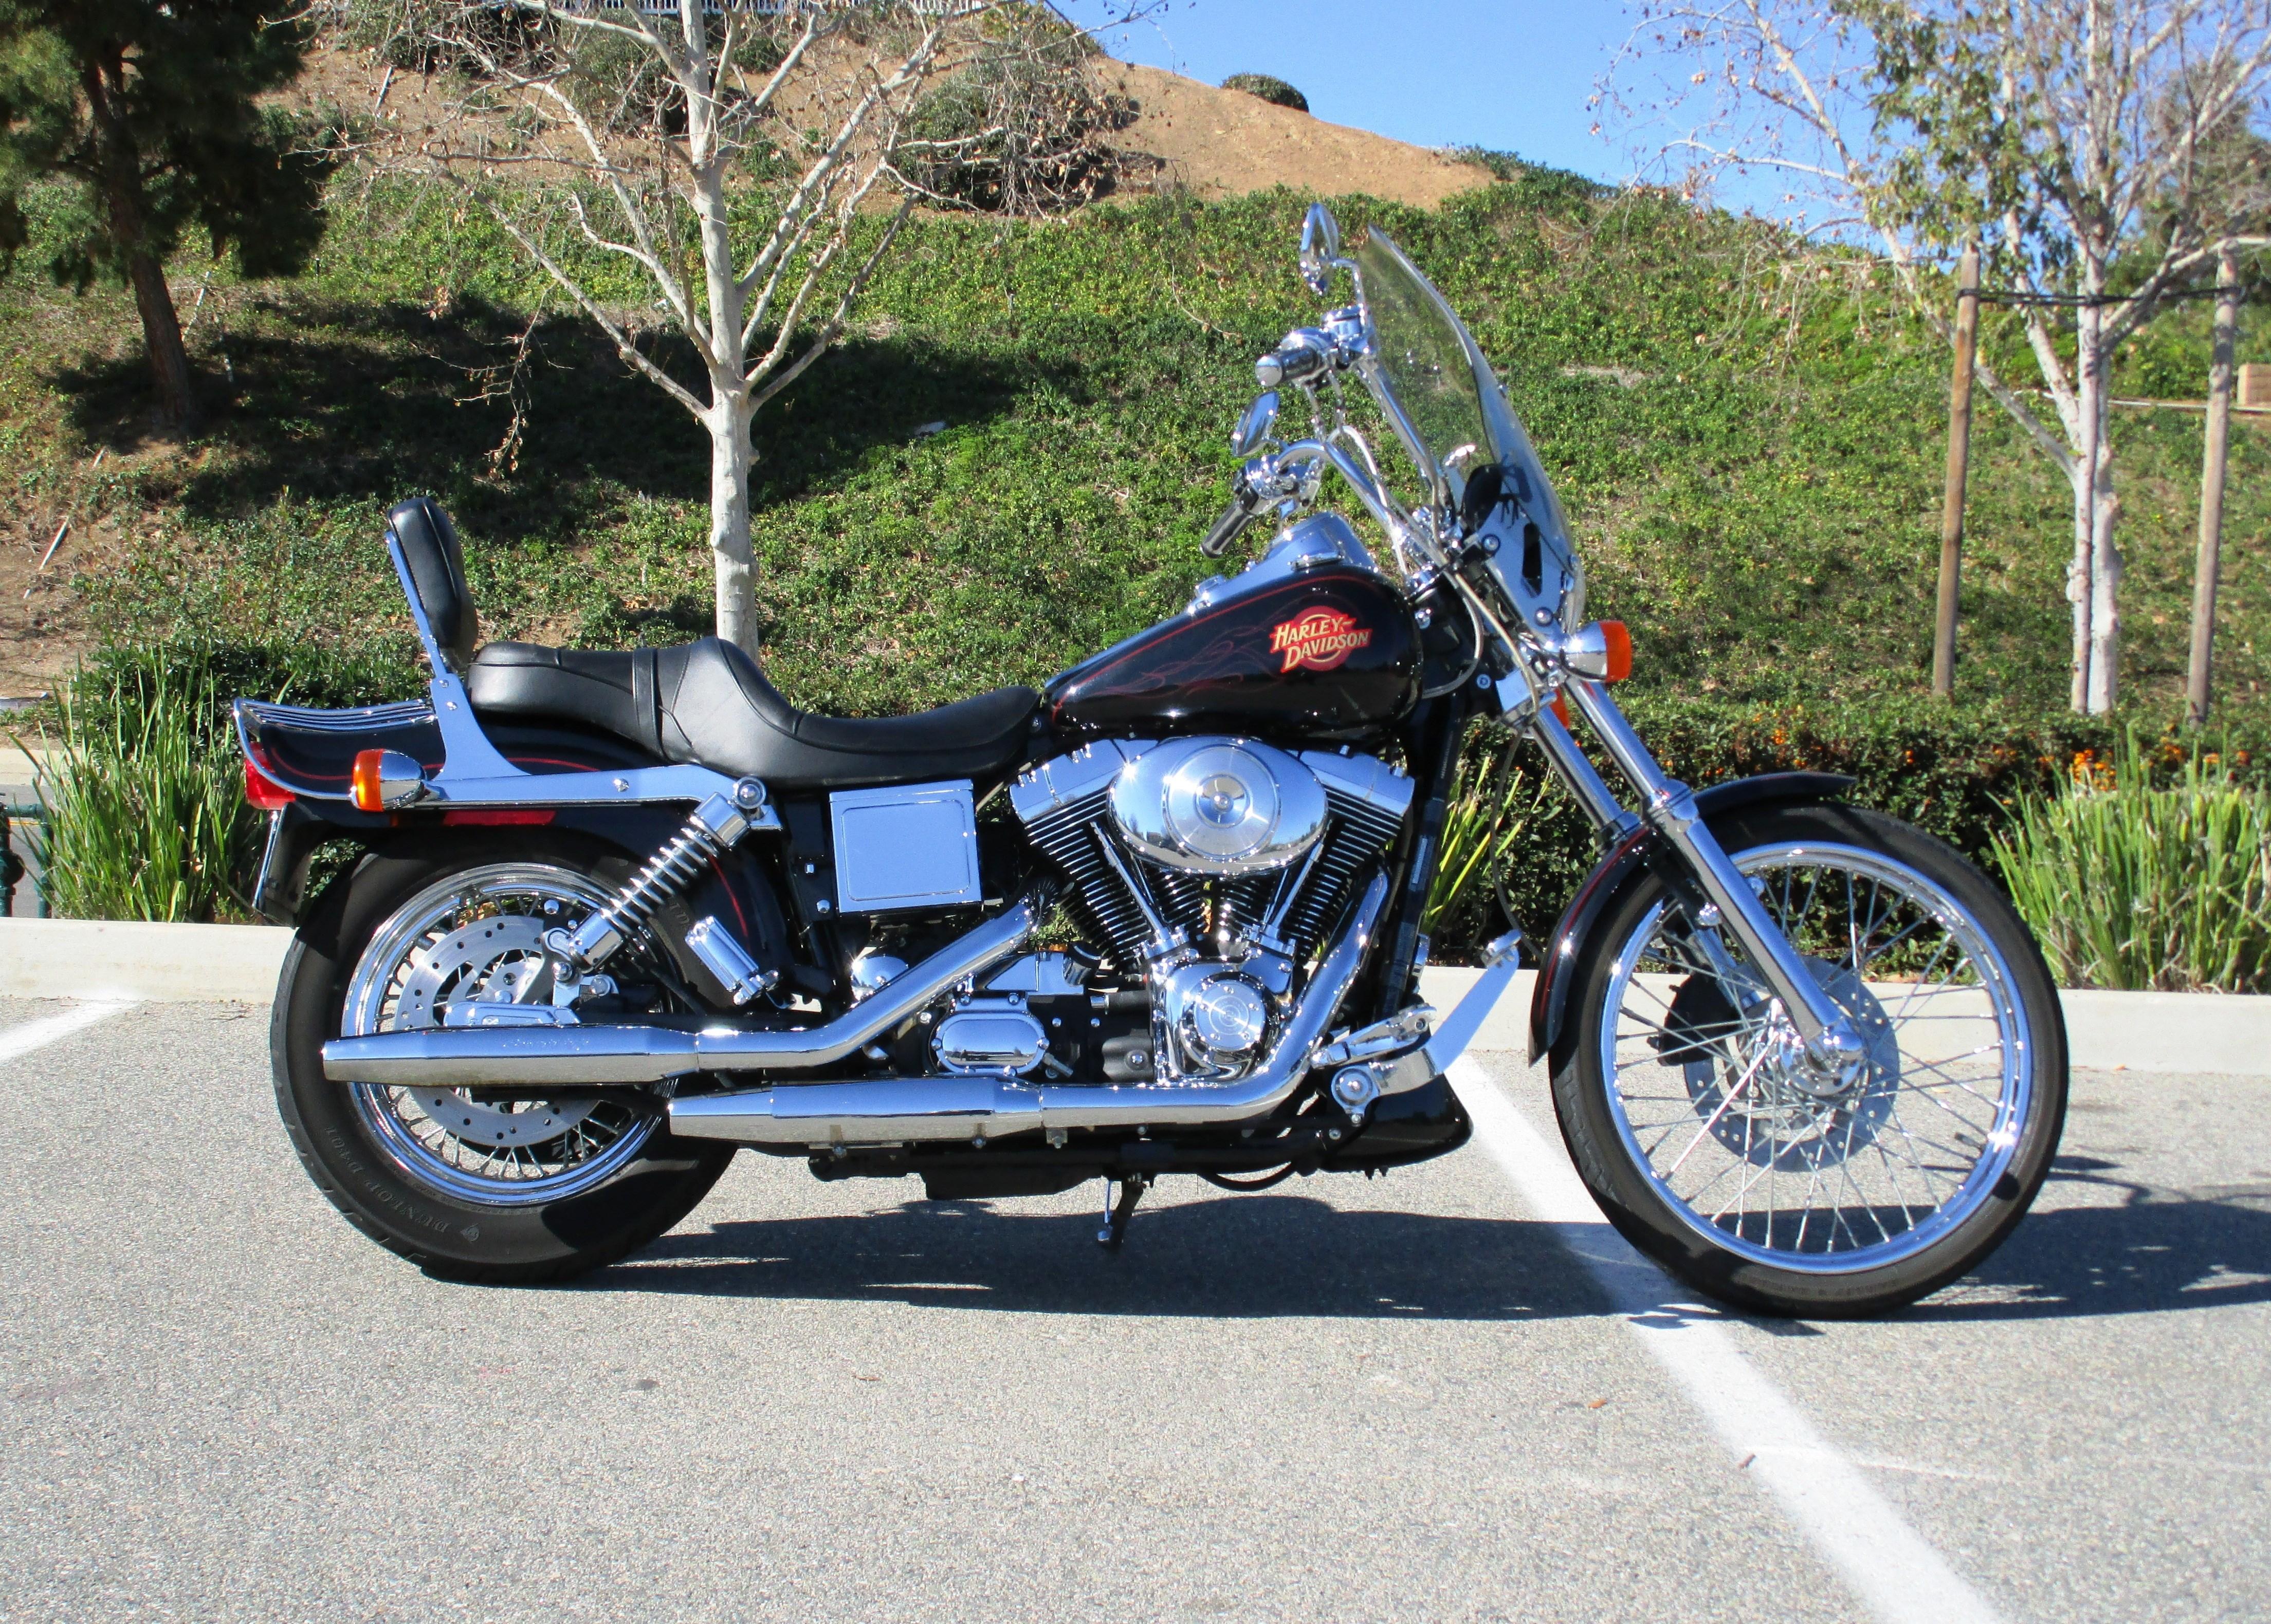 Harley Davidson Chico Ca >> 2001 Harley-Davidson® FXDWG Dyna Wide Glide® (Black ...